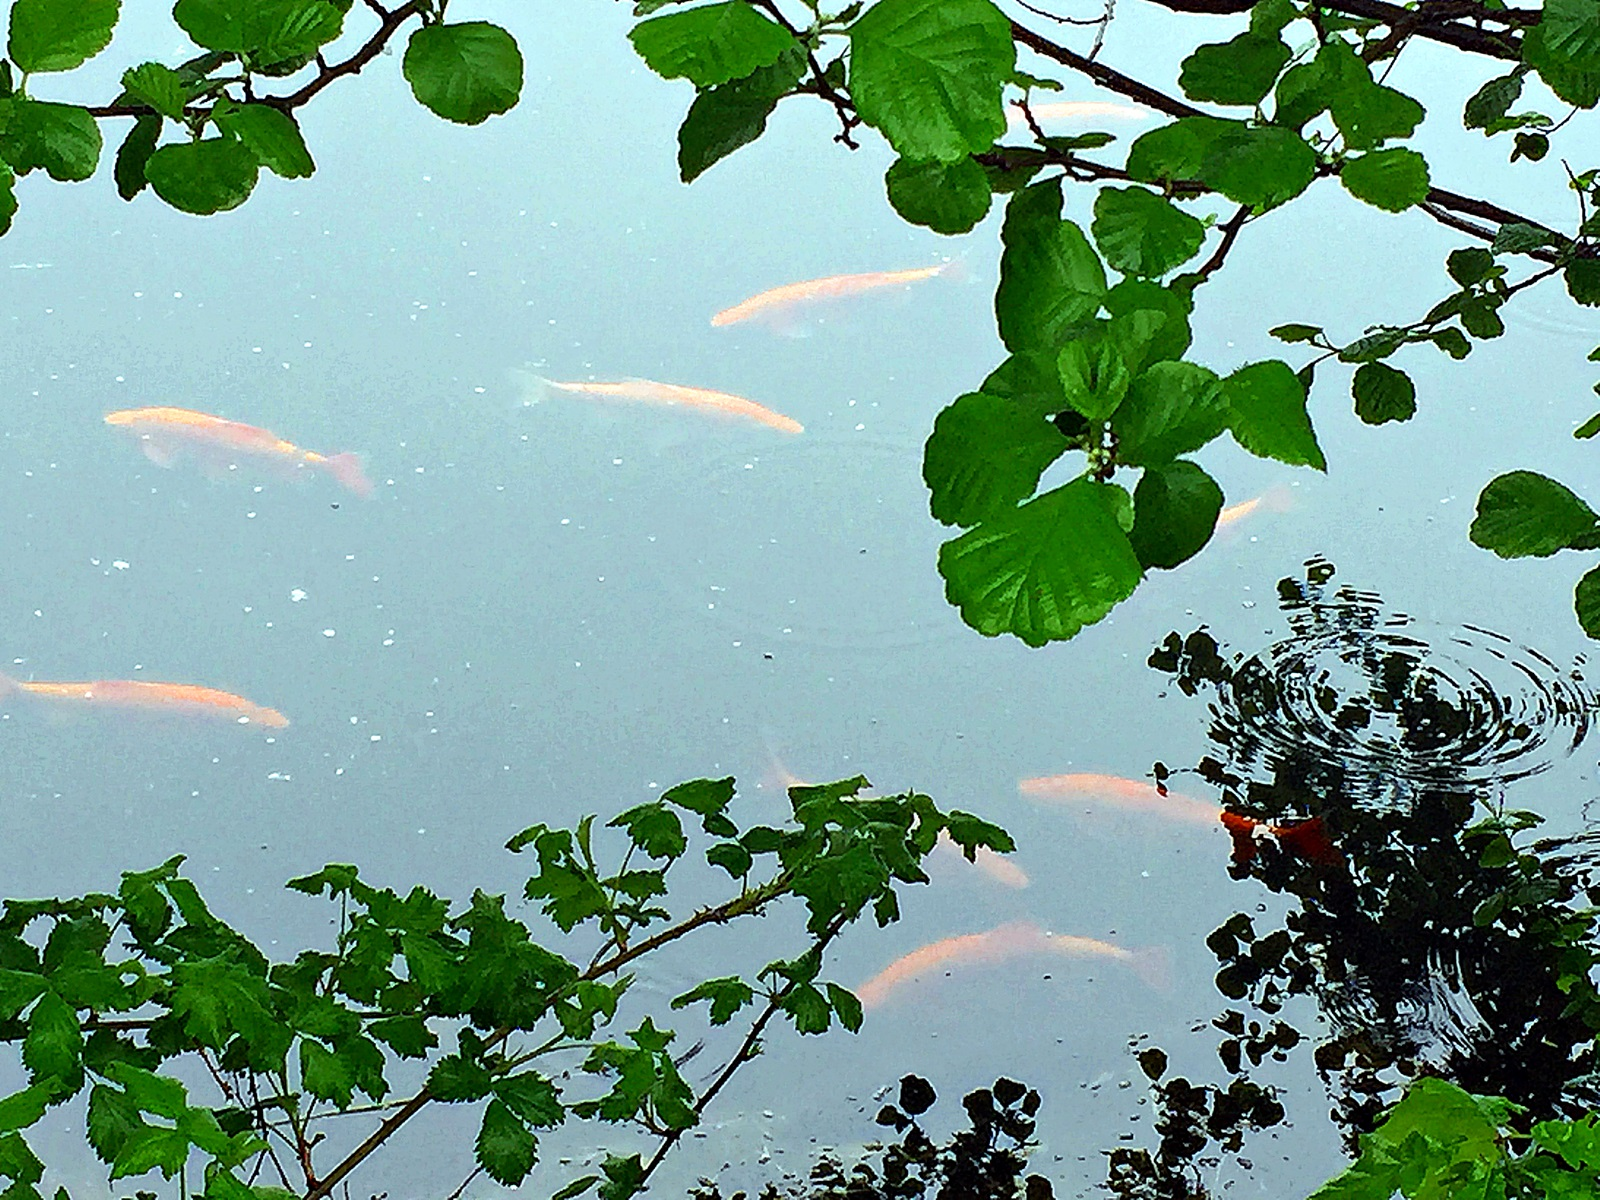 ganske sjelden å se så mange samlet i dette vannet